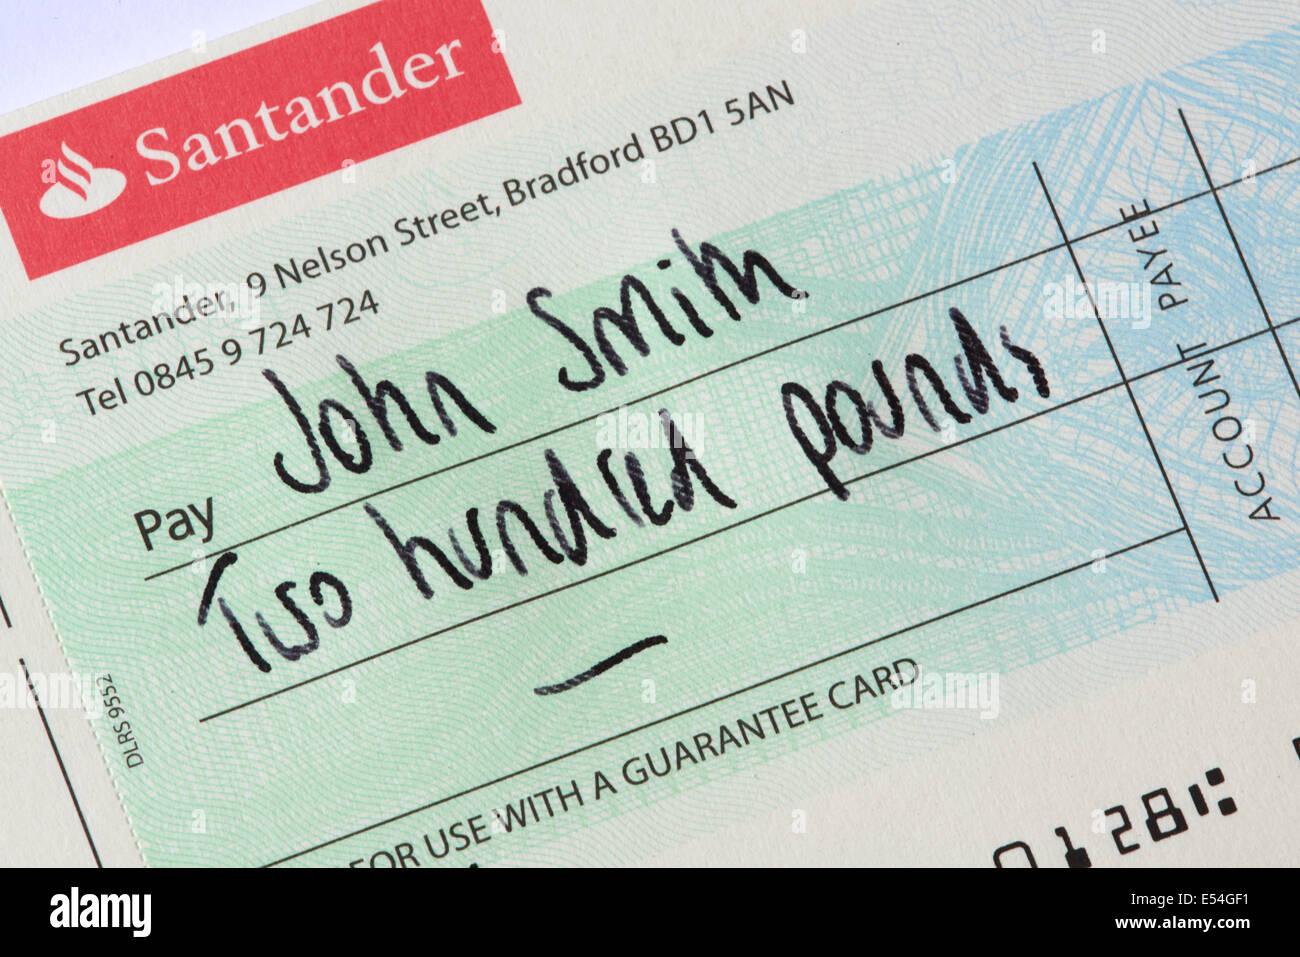 Close Bank Account Lloyds Tsb Santander Bank Cheque Payable To John Smith  Stock Image